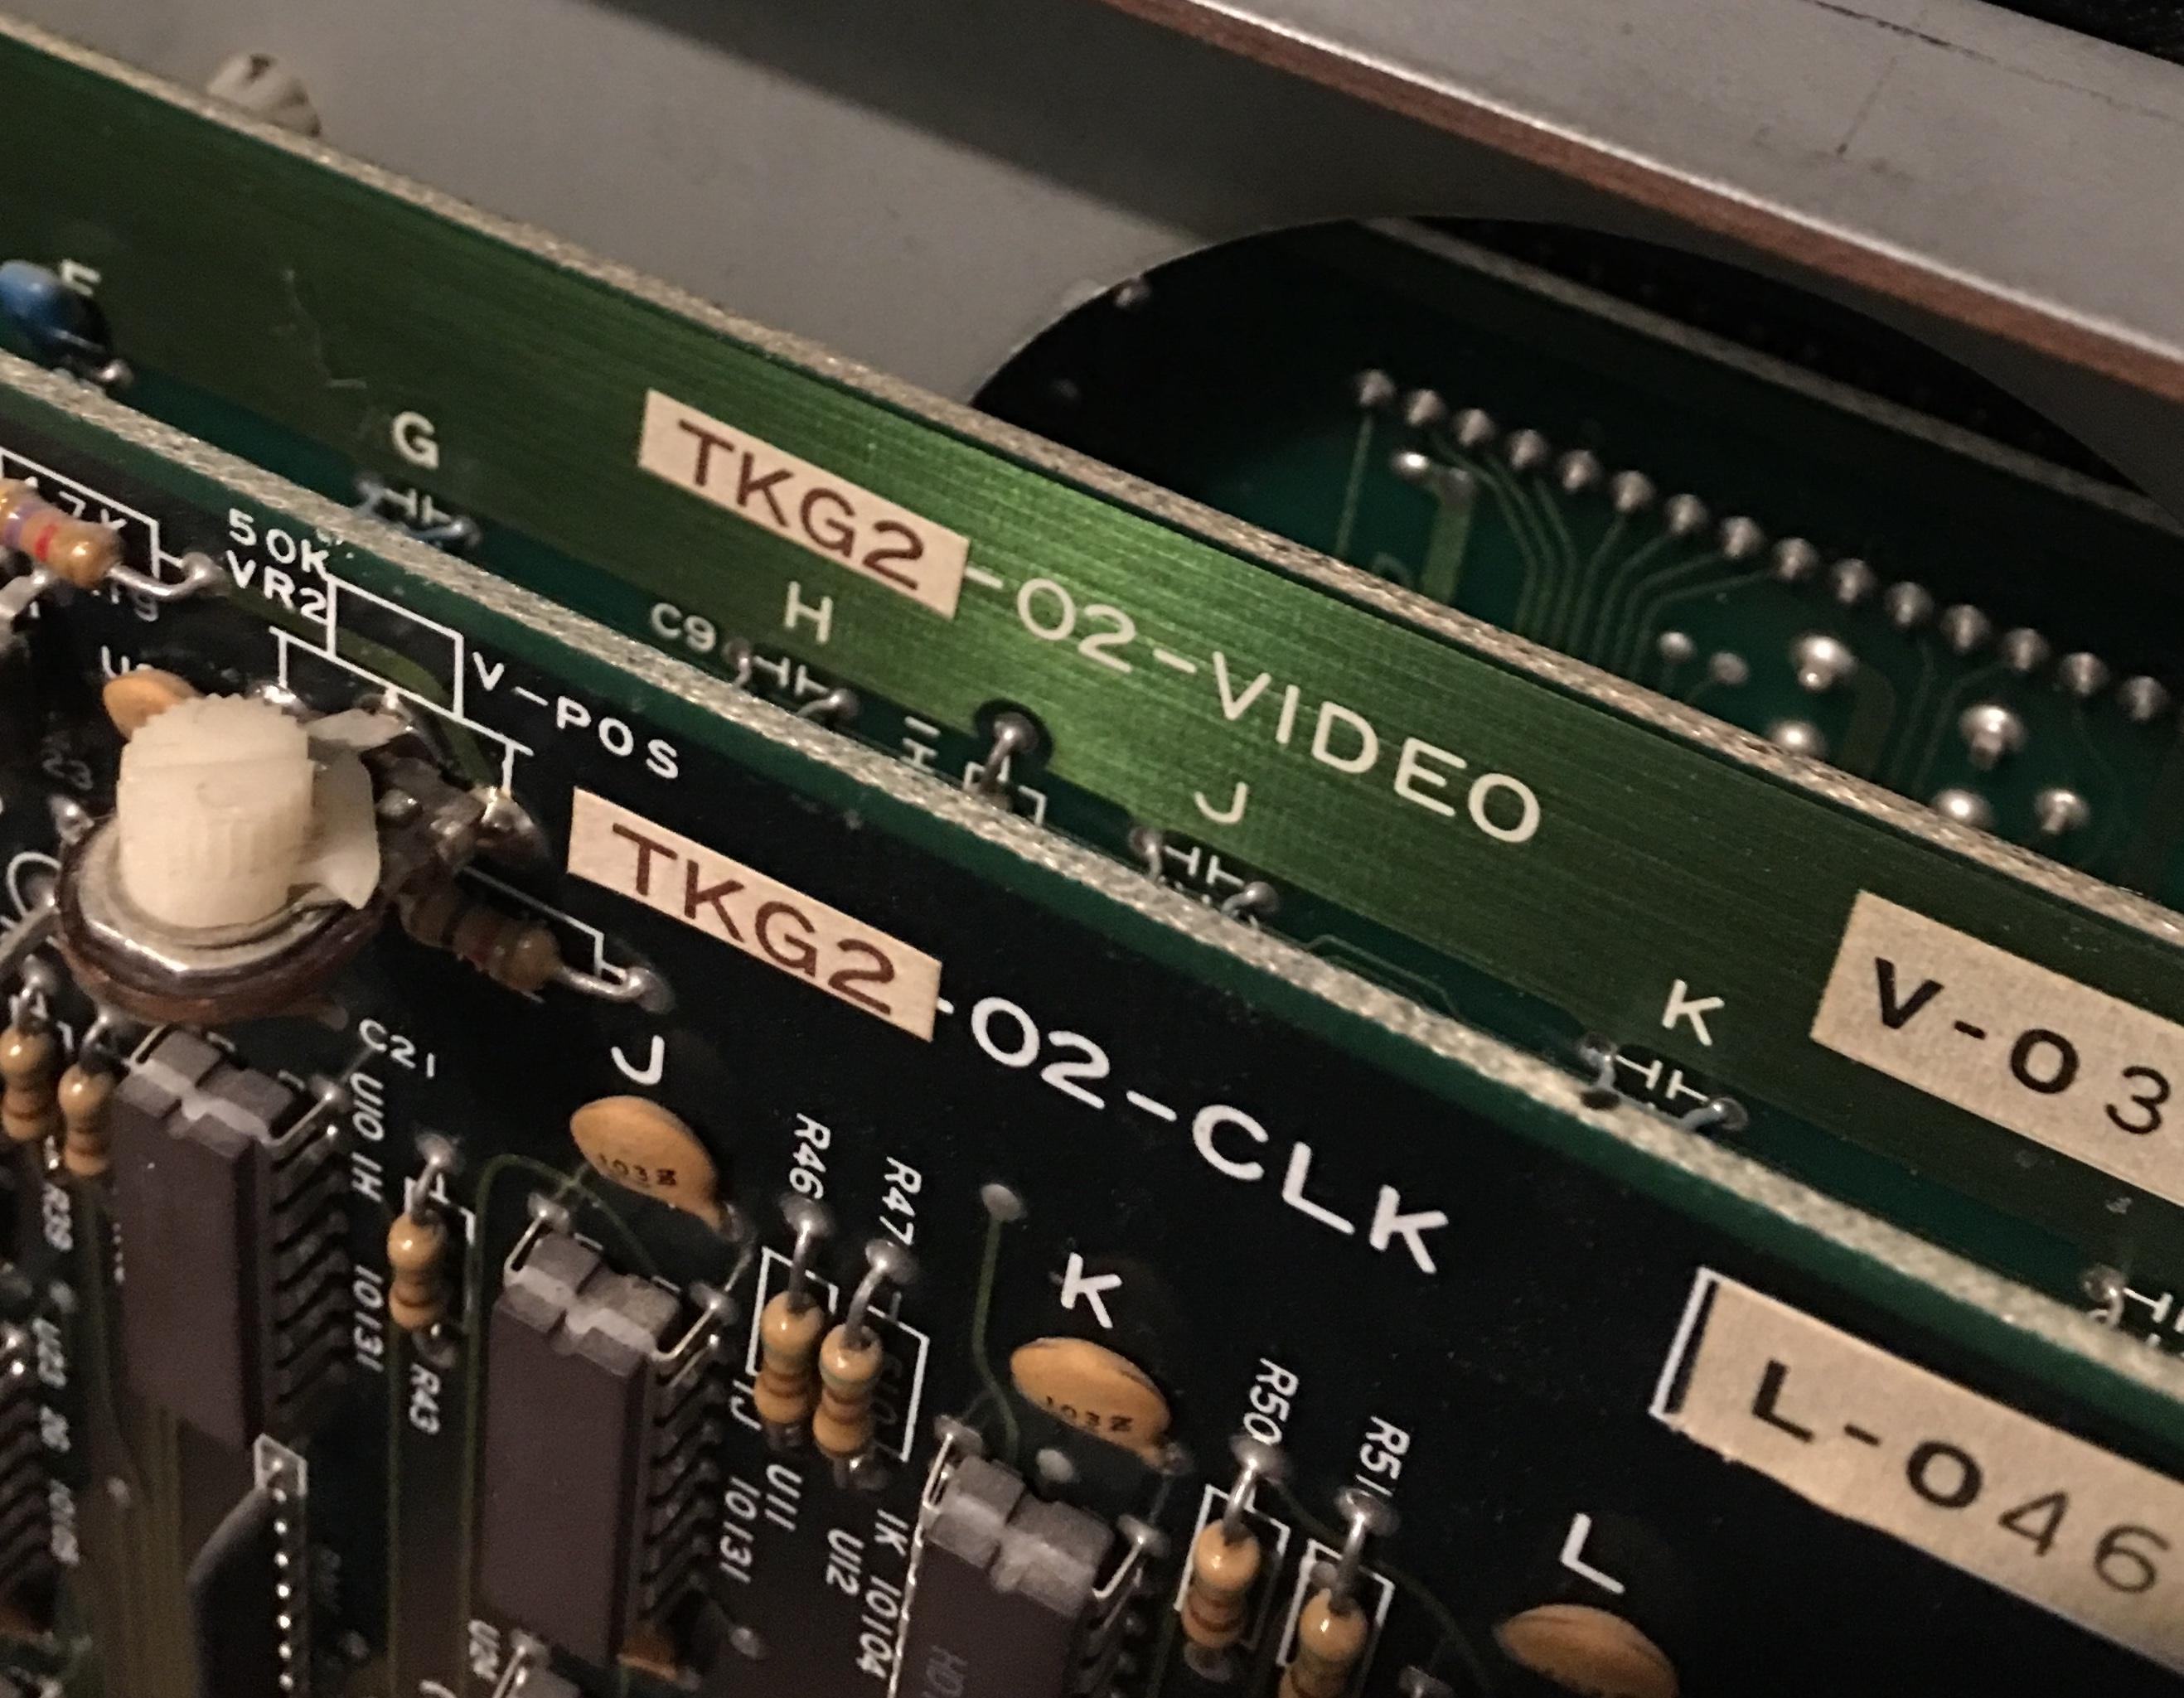 EA23AD8A-CB95-457F-A1D5-1ADC6872727D.jpeg